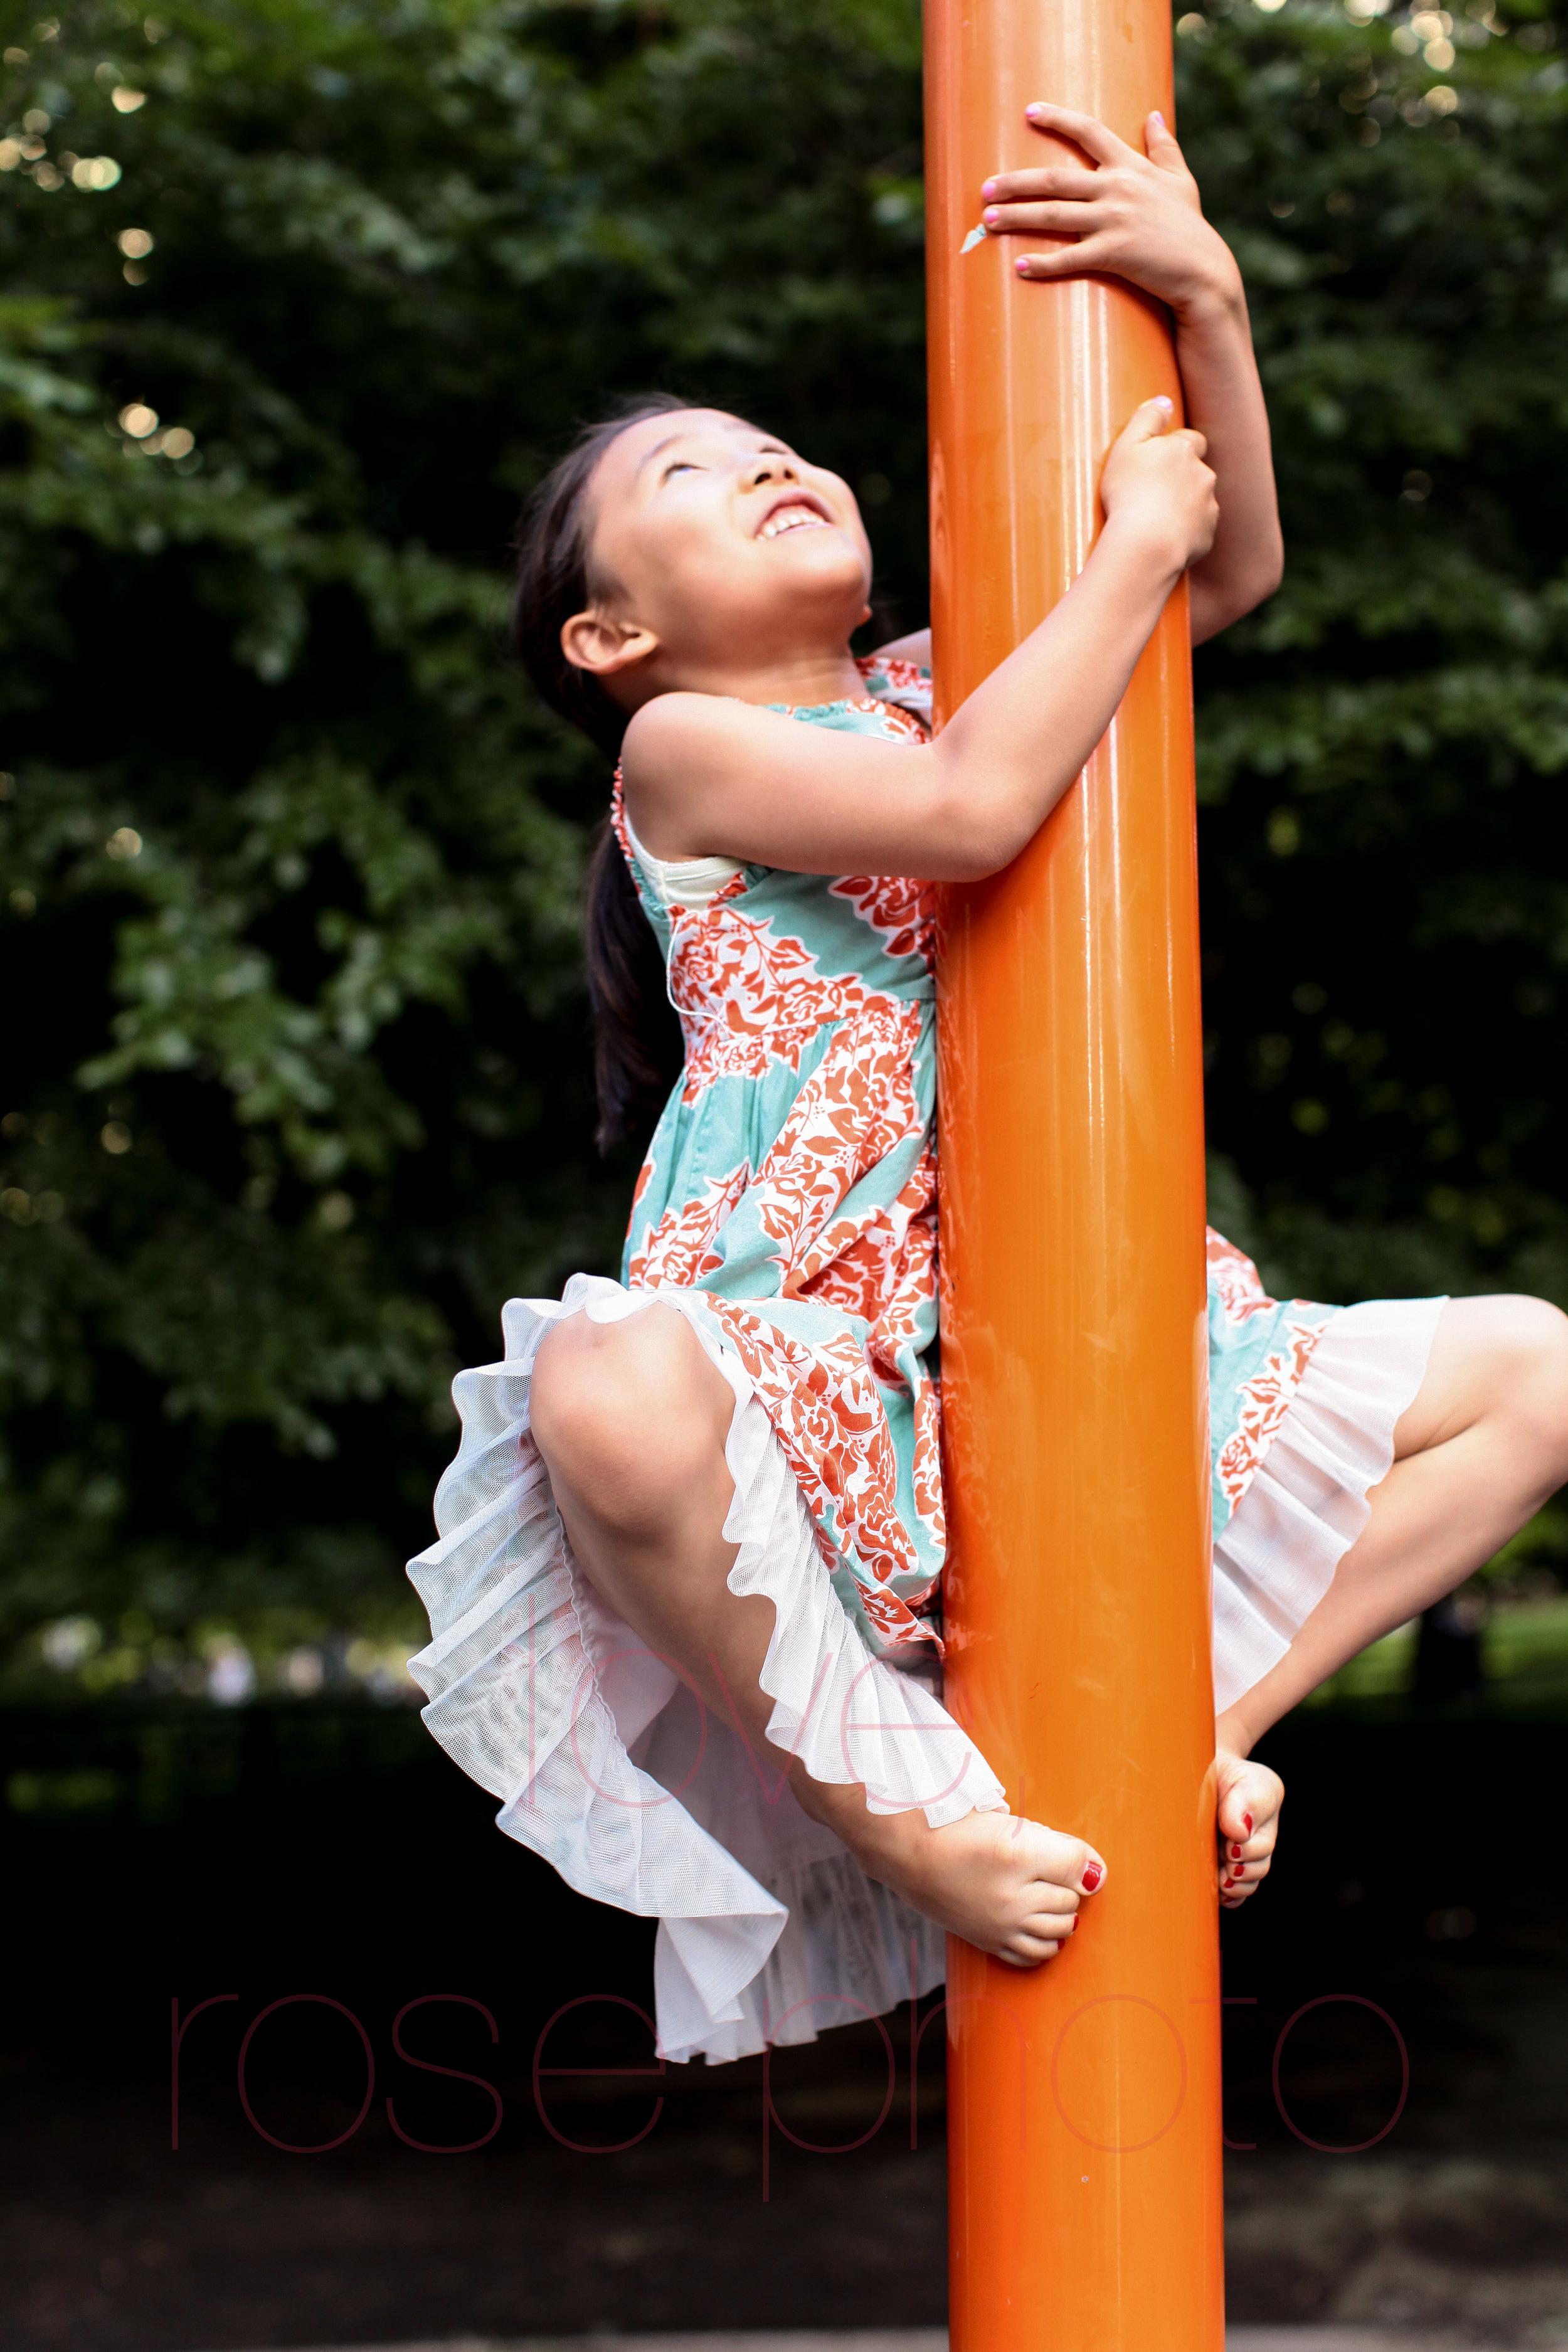 chicago lakeshore east children's photographer lifestyle portrait photography millenium park -012.jpg